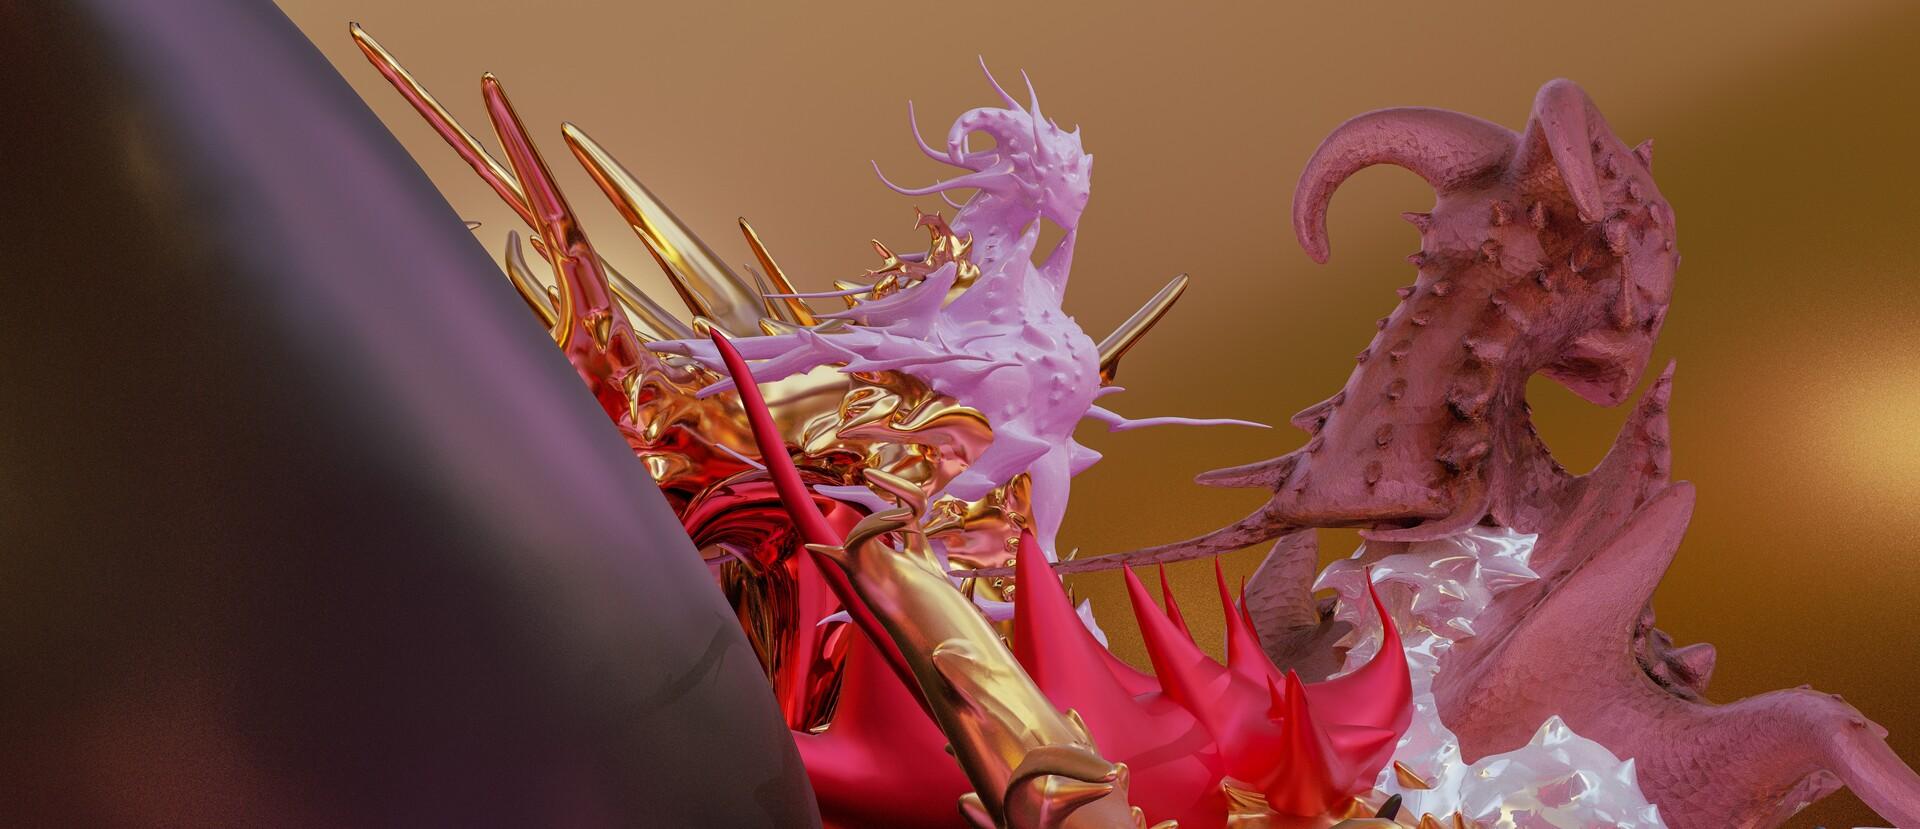 Ephemethereal Psyfi fantasy Creatures mirror matte Gold Aesthereal